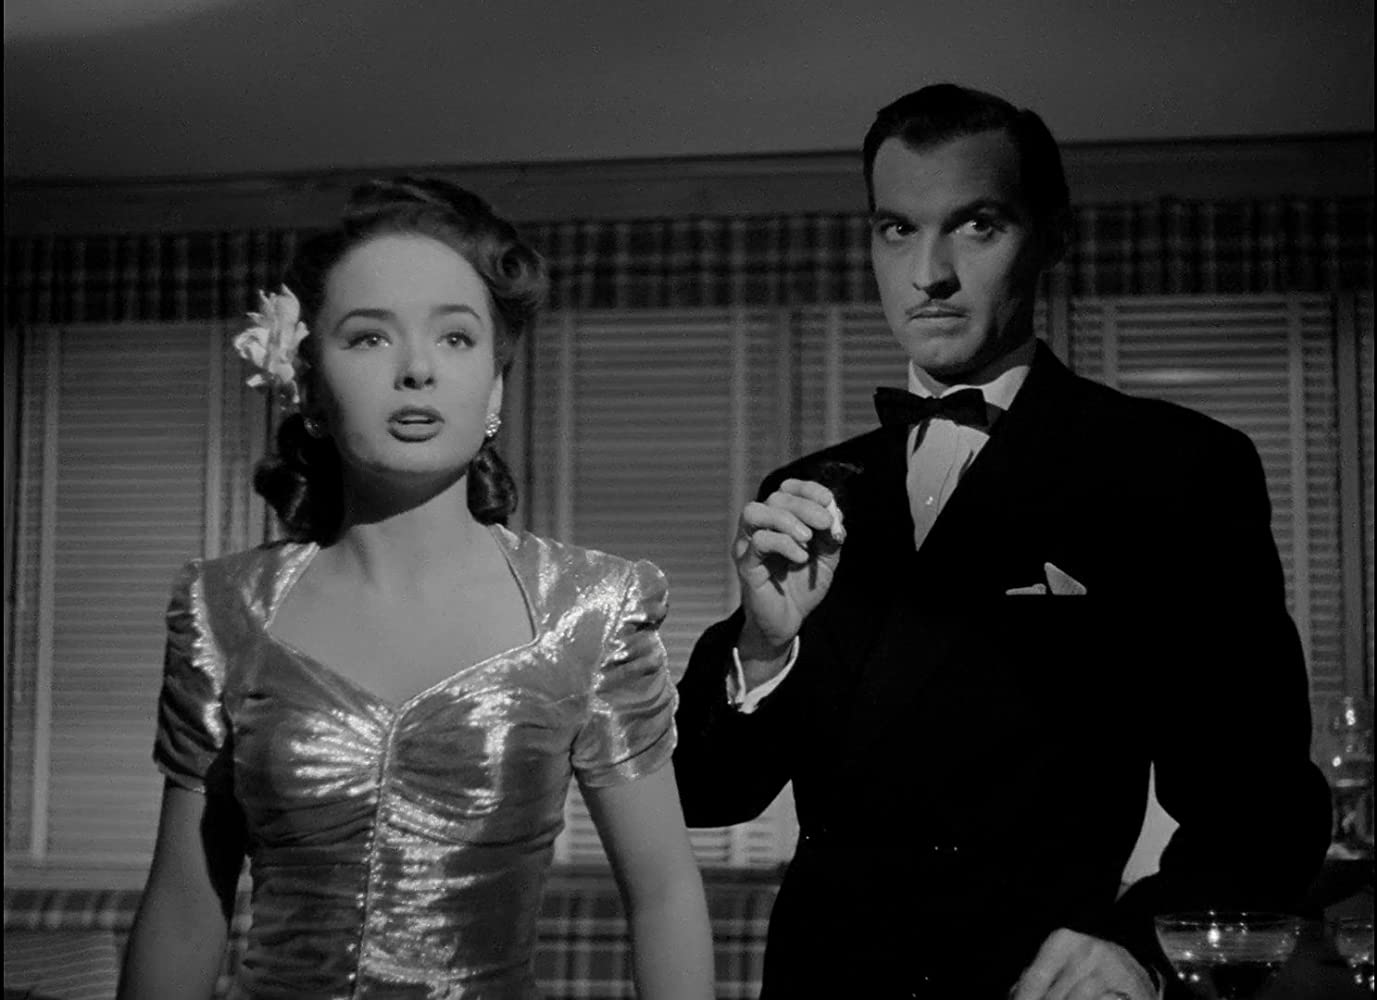 Ann Blyth and Zachary Scott in Mildred Pierce (1945)